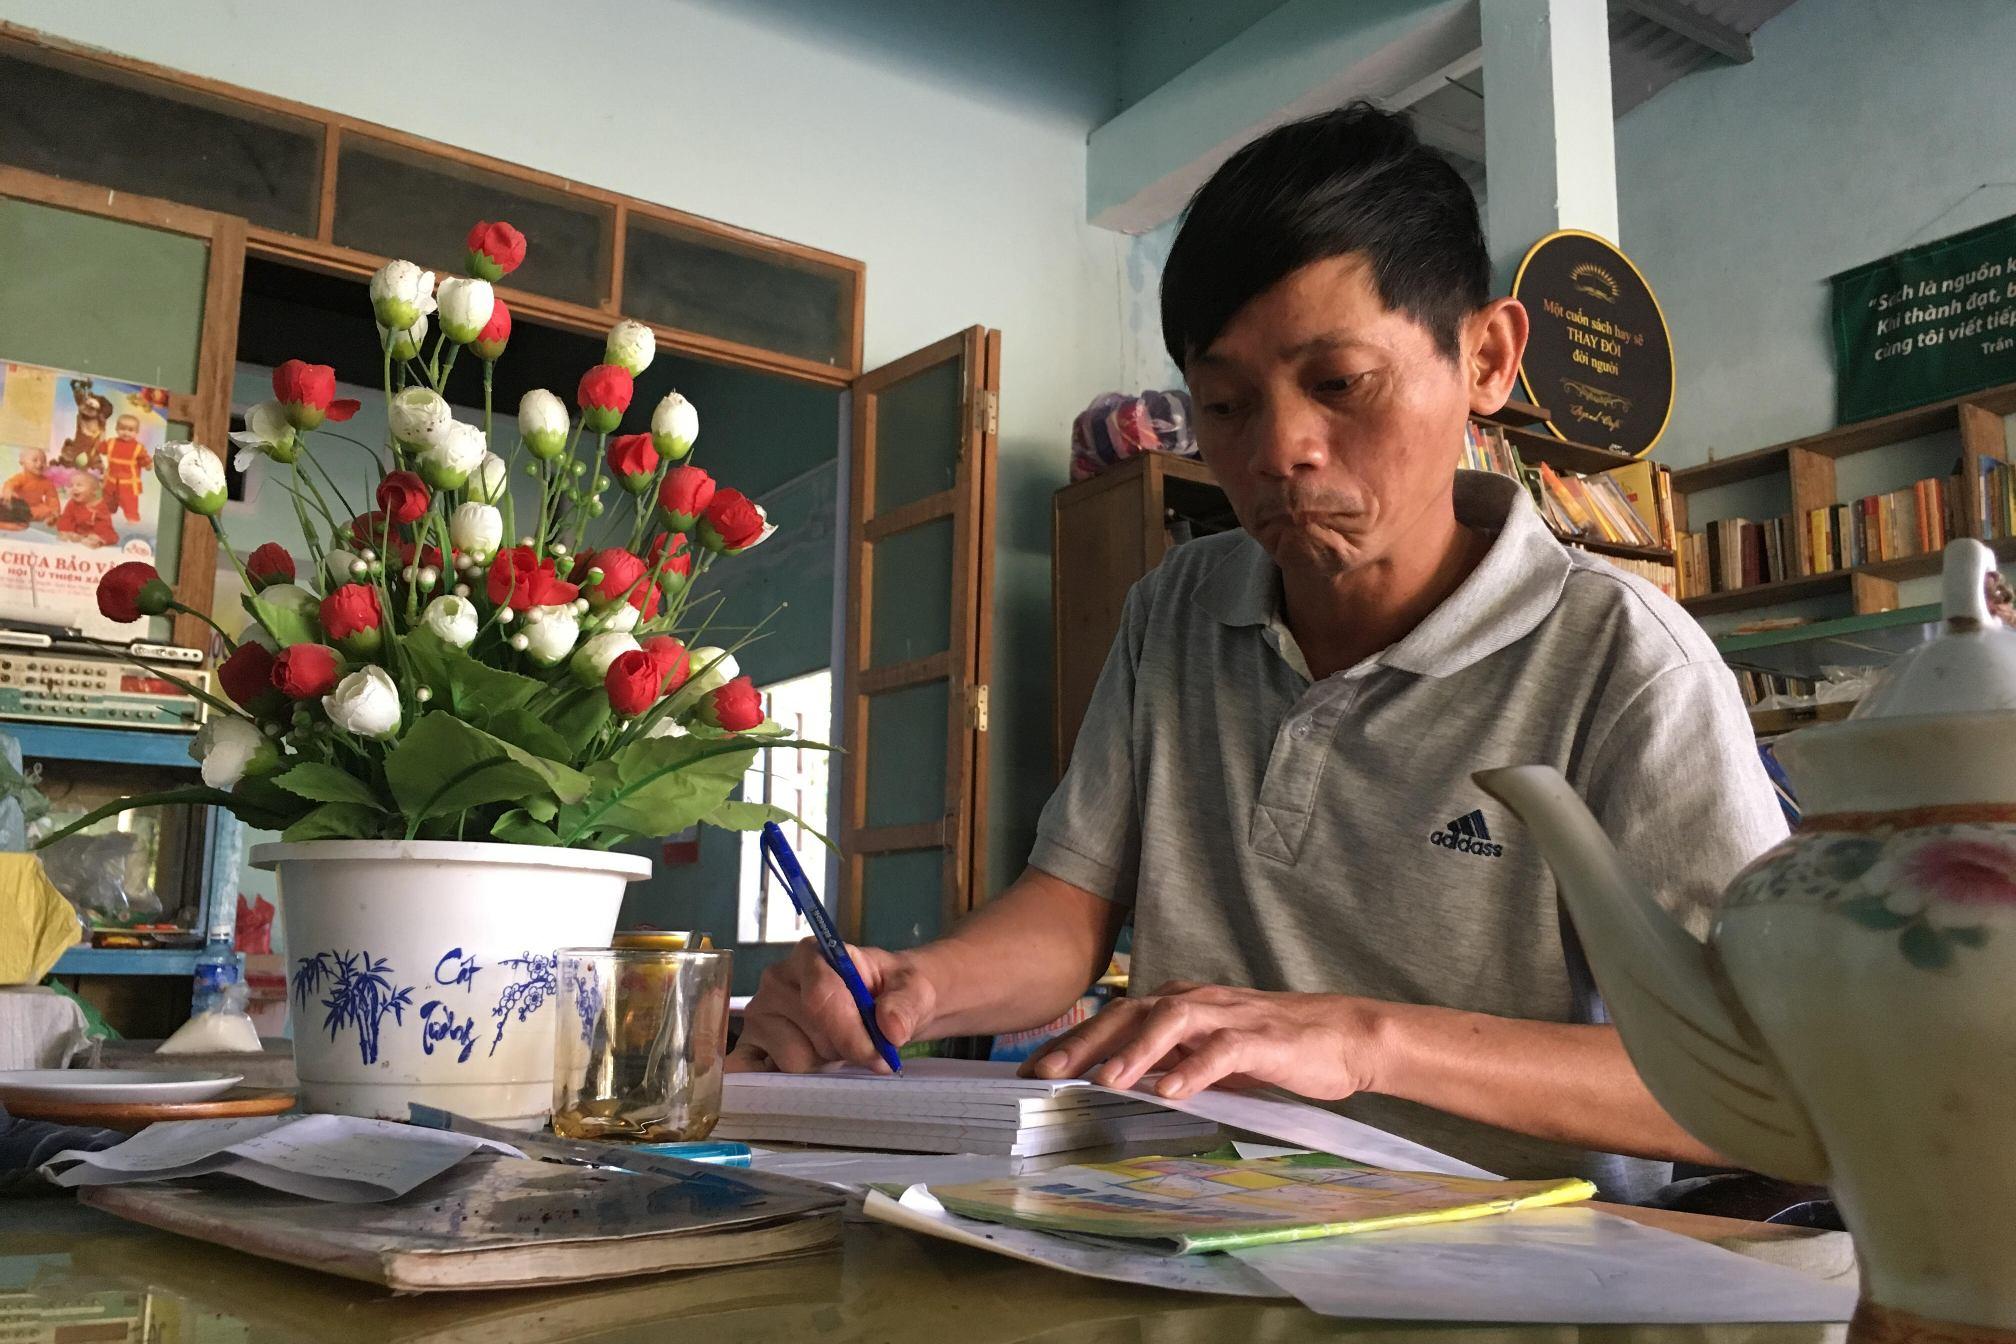 """Chủ đề """"Trăng Xuân"""" được anh Ninh ấp ủ từ lâu để giới thiệu trong đêm thơ năm nay. Ảnh: Nhân vật cung cấp"""